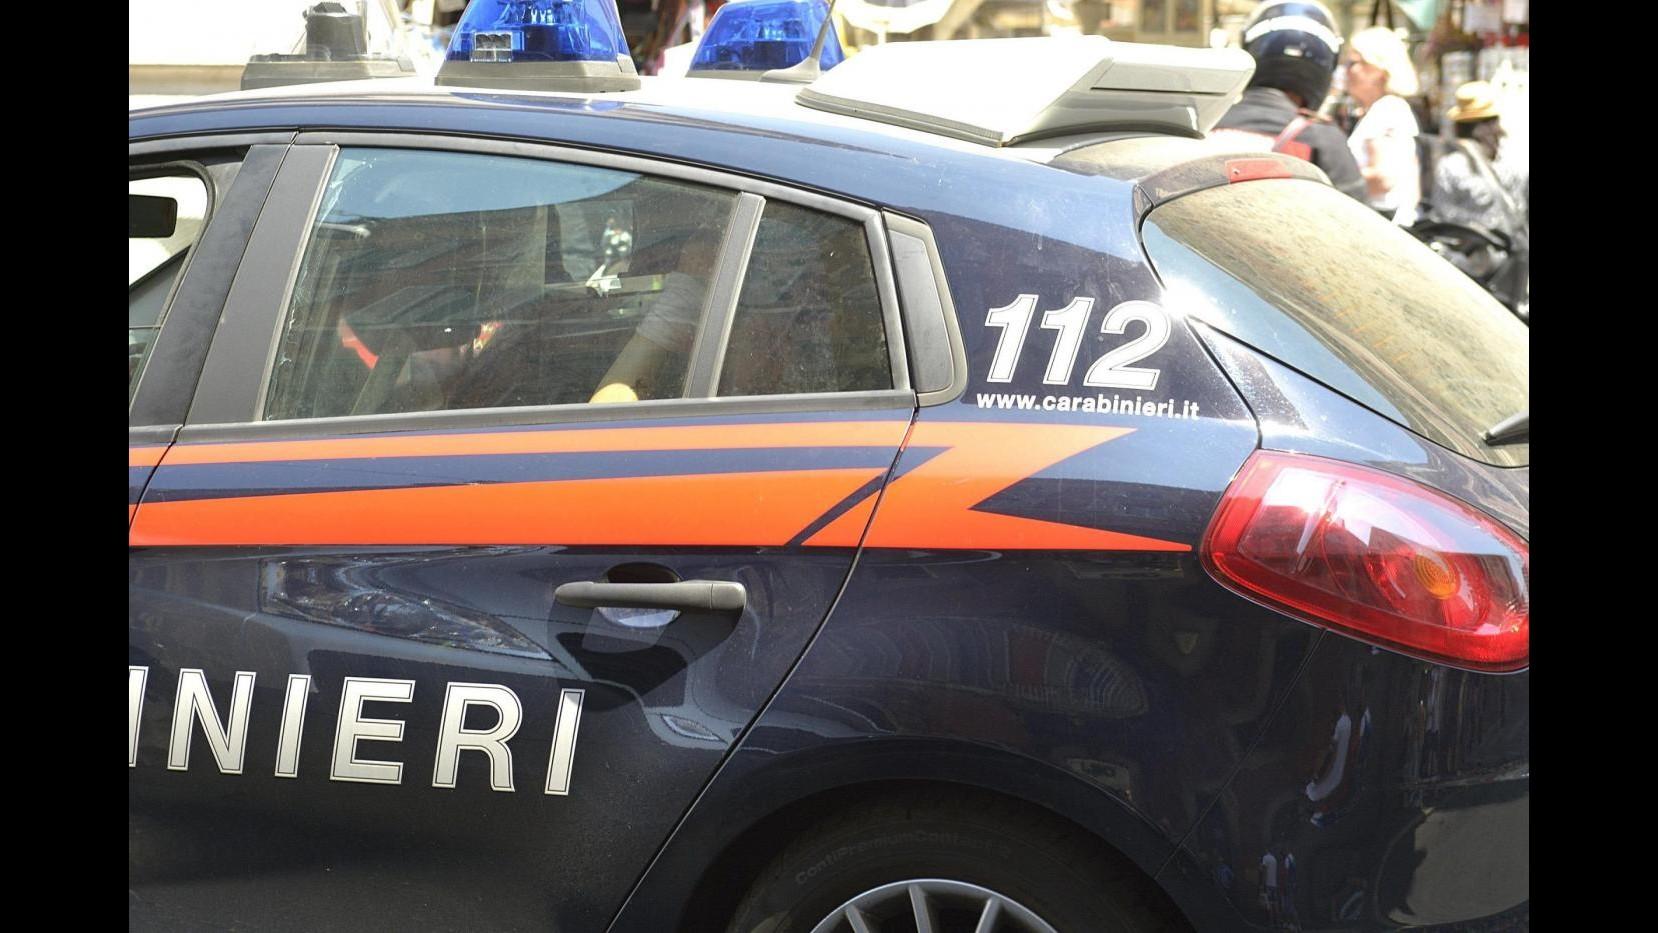 Milano, omicidio Villamar: catturato il quinto uomo ricercato da luglio